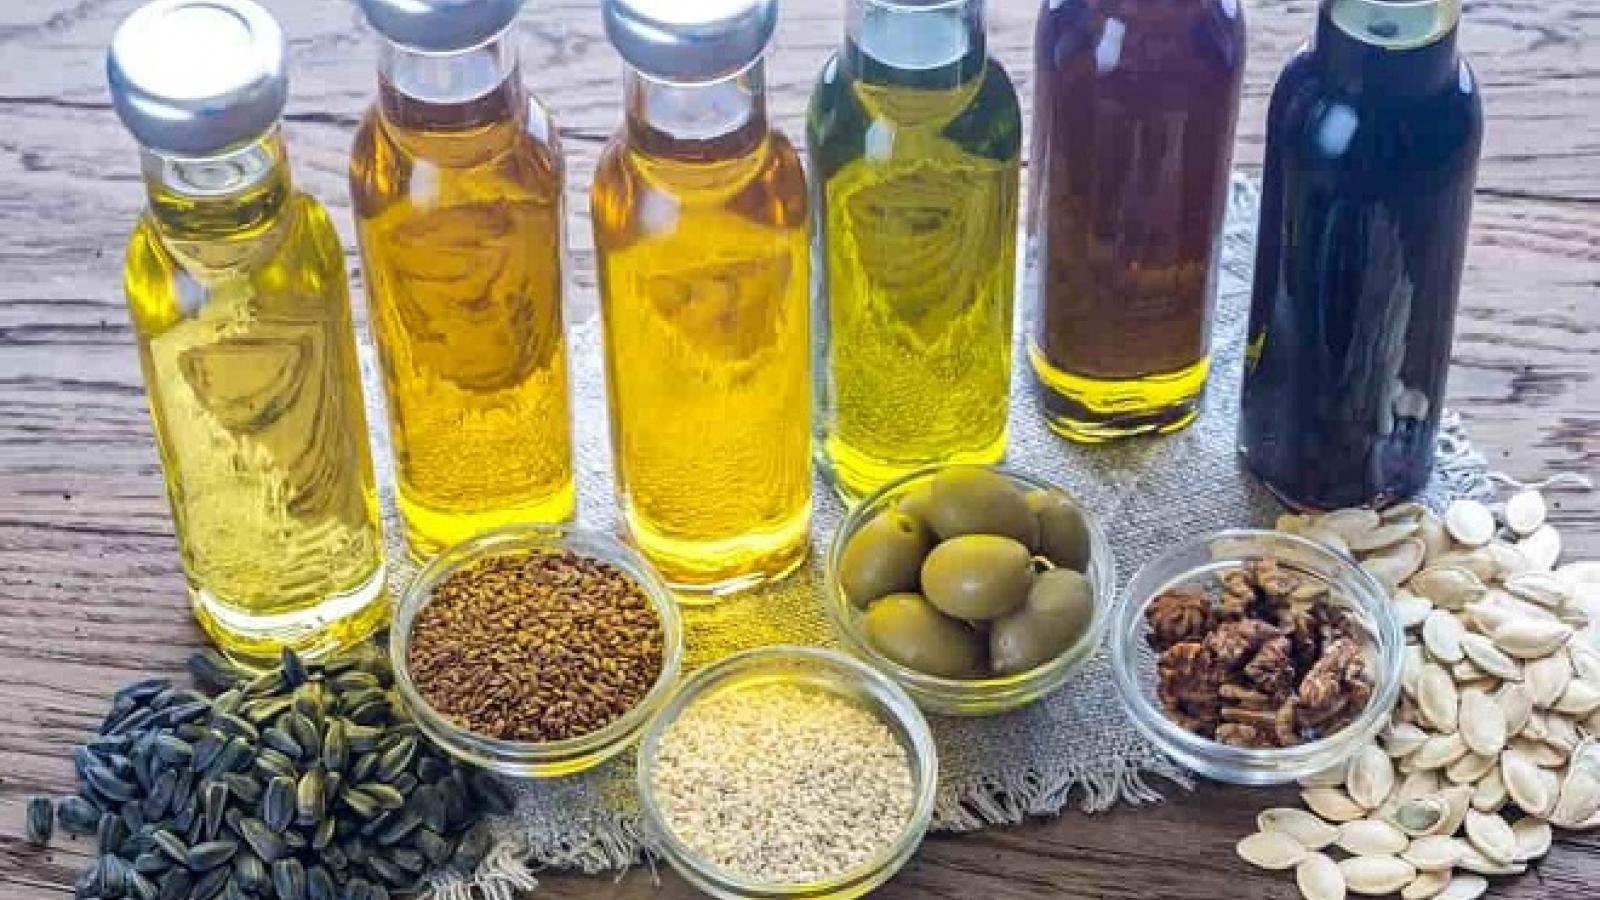 5 sai lầm các bà nội trợ thường mắc phải khi sử dụng dầu ăn